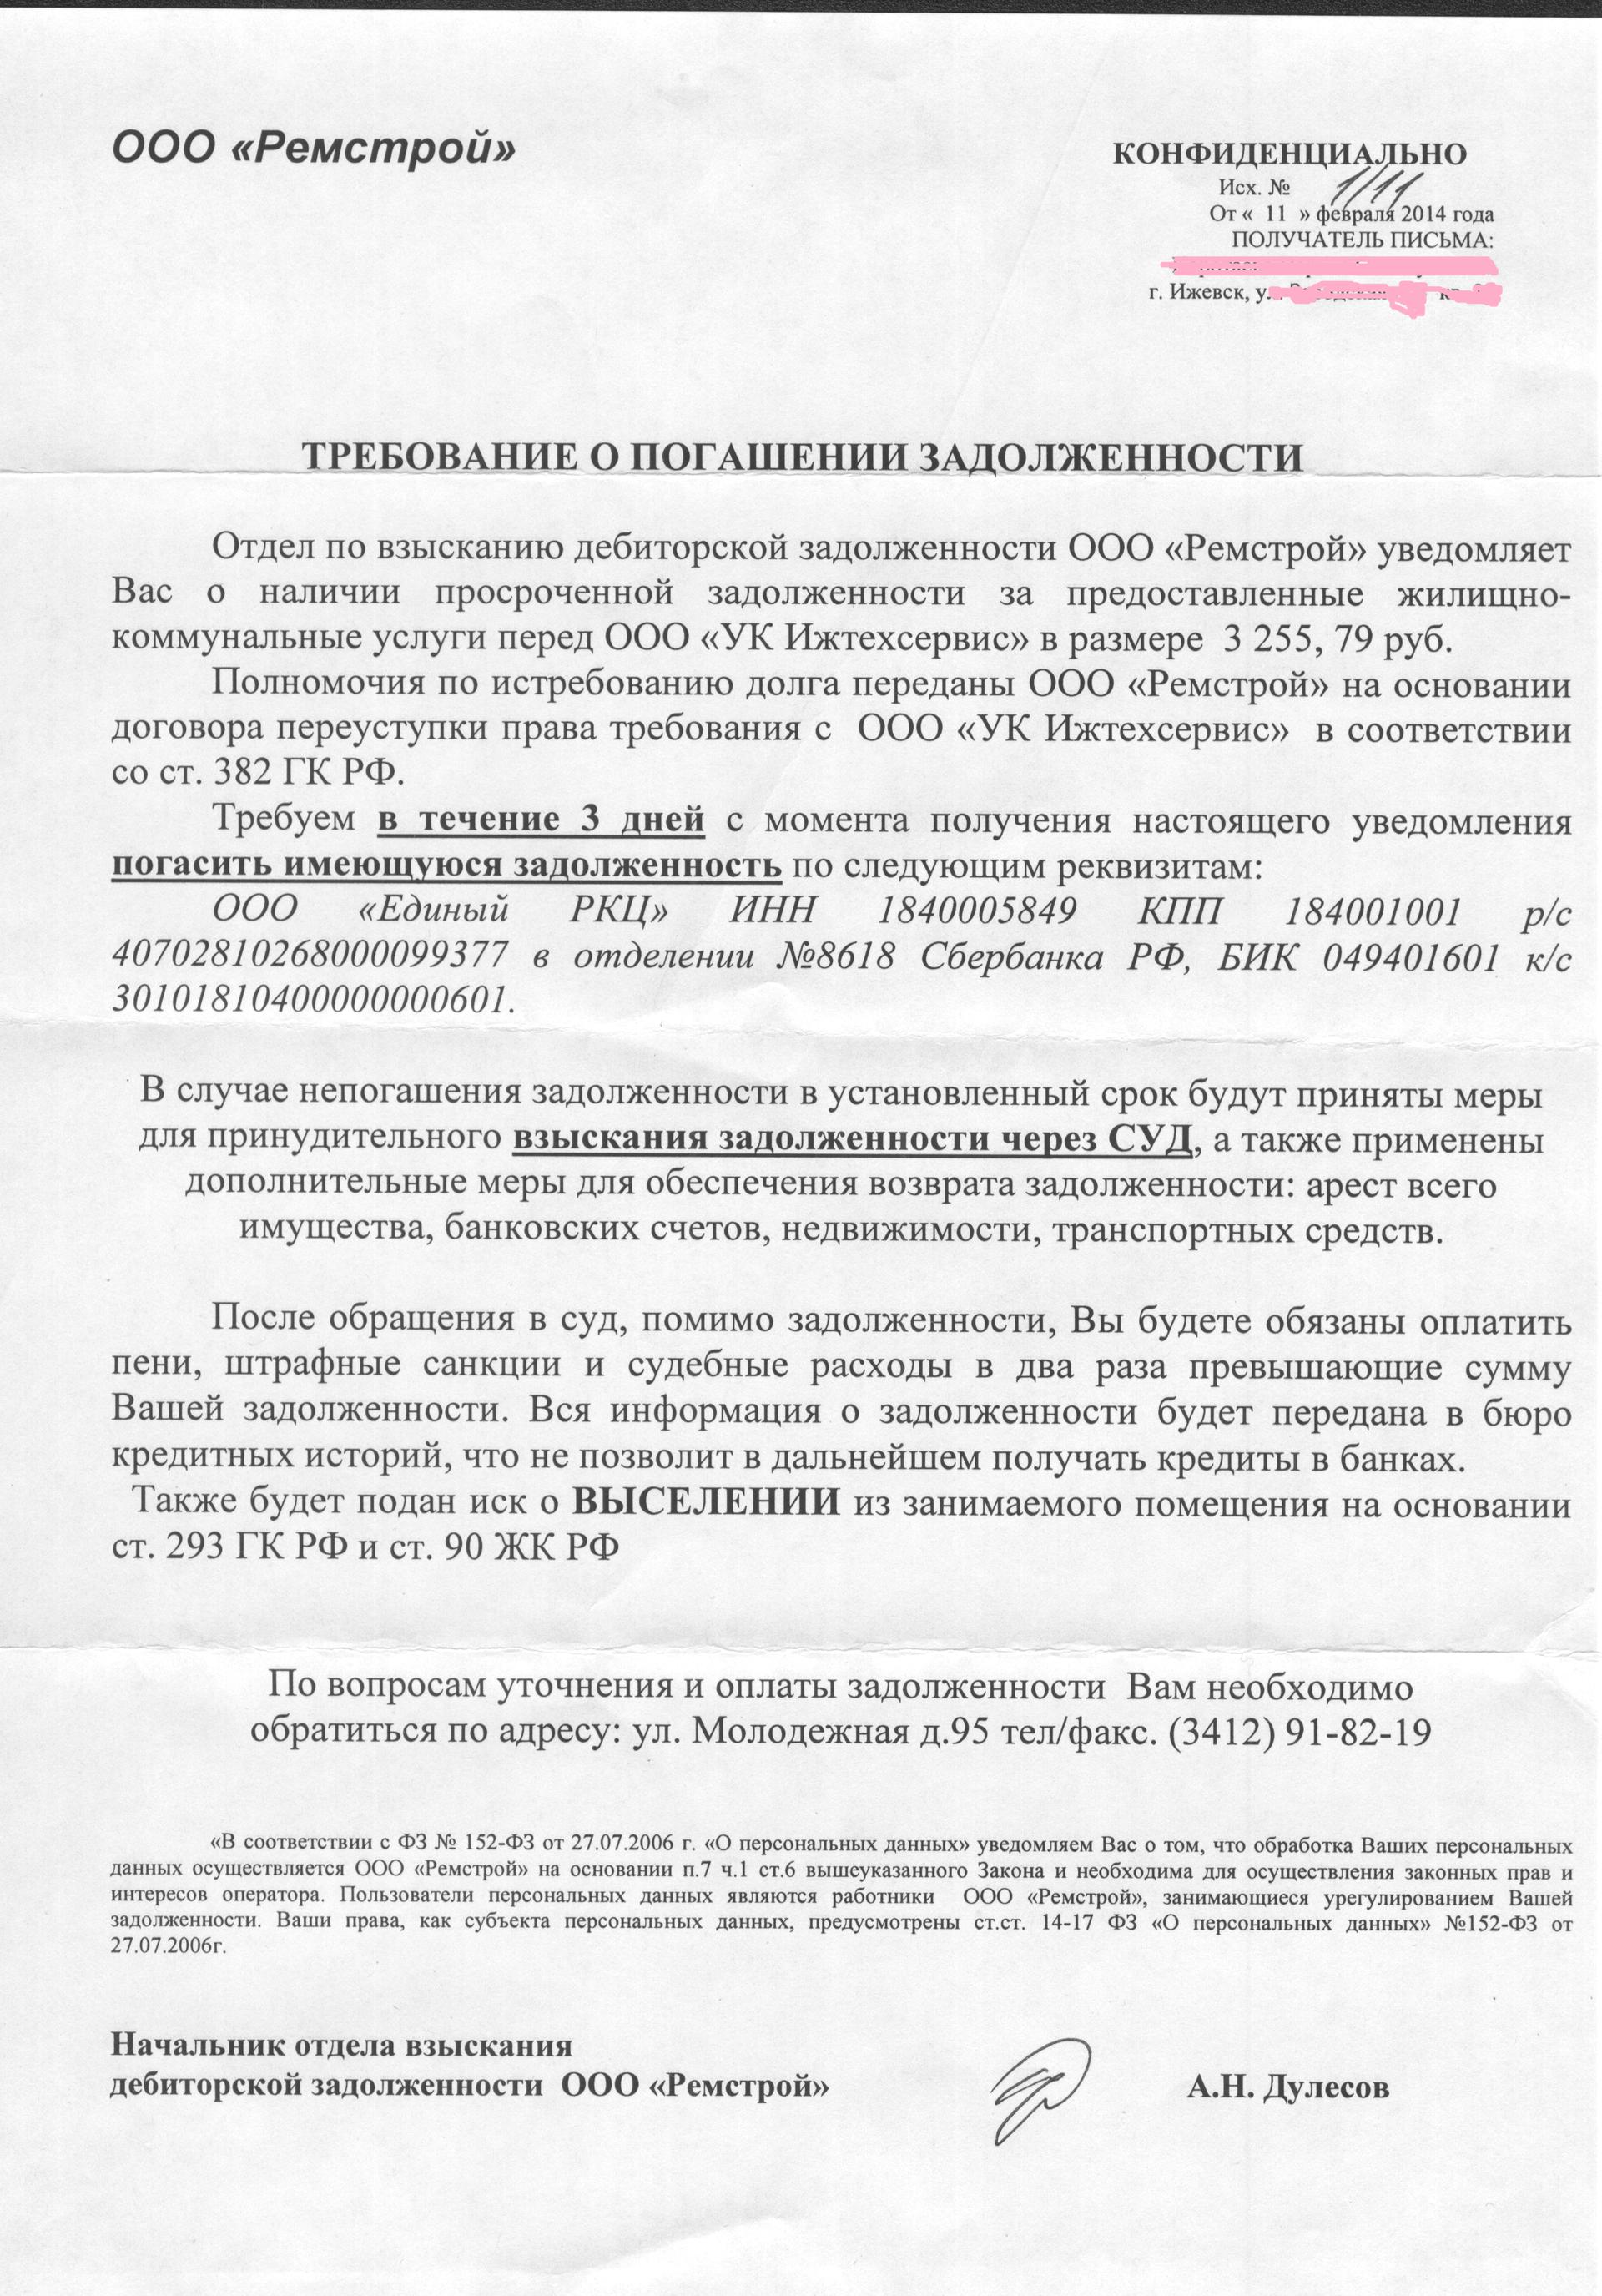 письмо претензия по задолженности по оплате образец